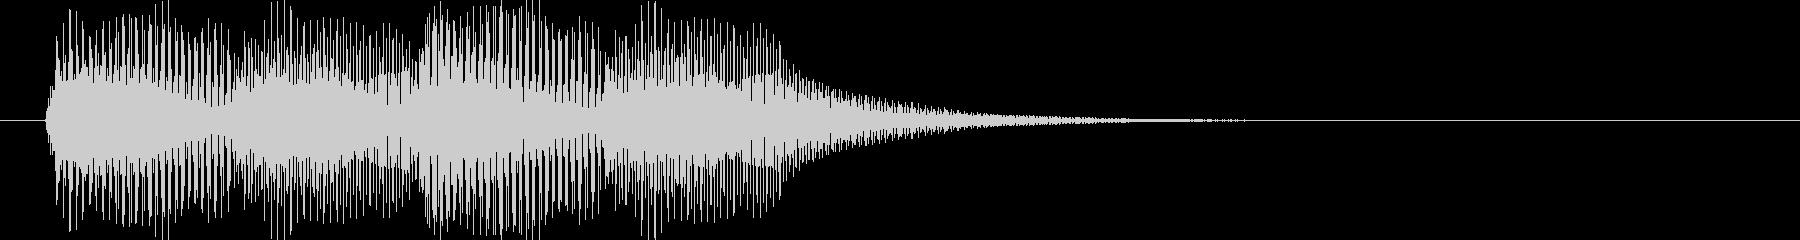 ピロピロ(ピアノキャンセルSE:低音)の未再生の波形